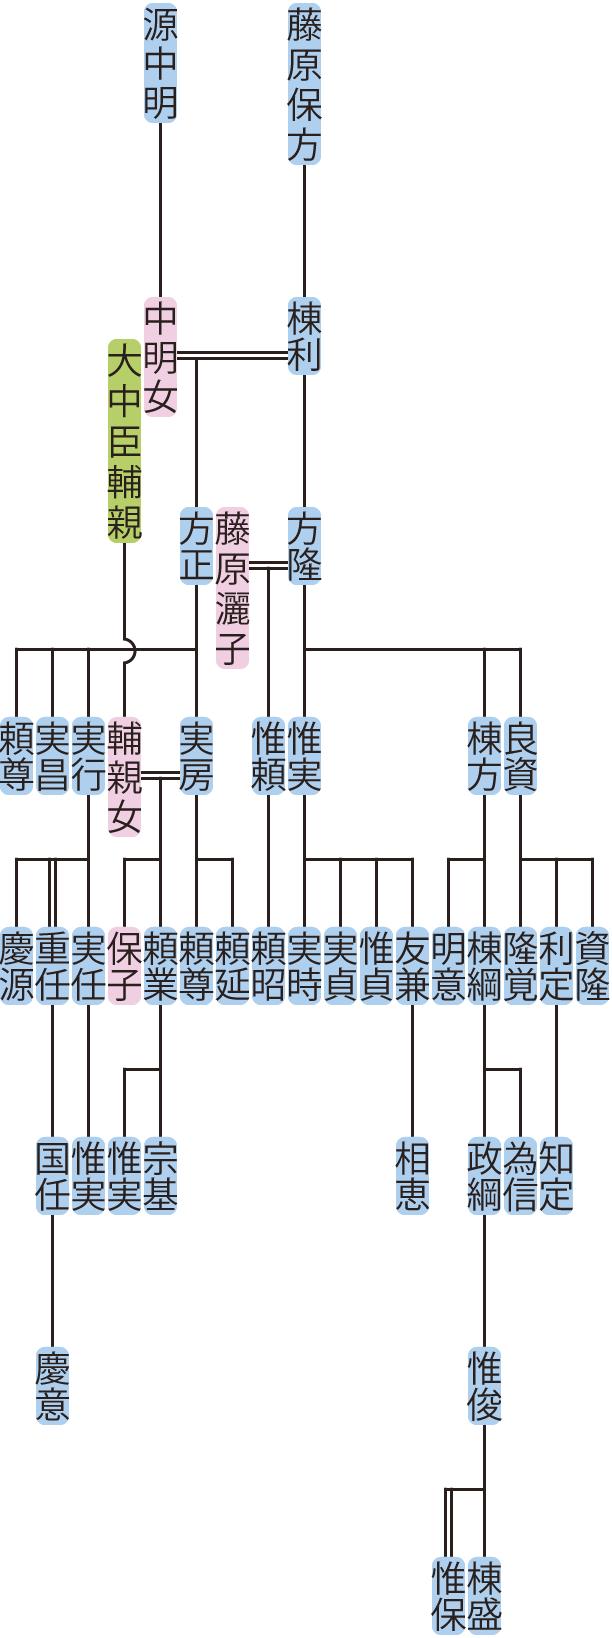 藤原方正・藤原方隆の系図